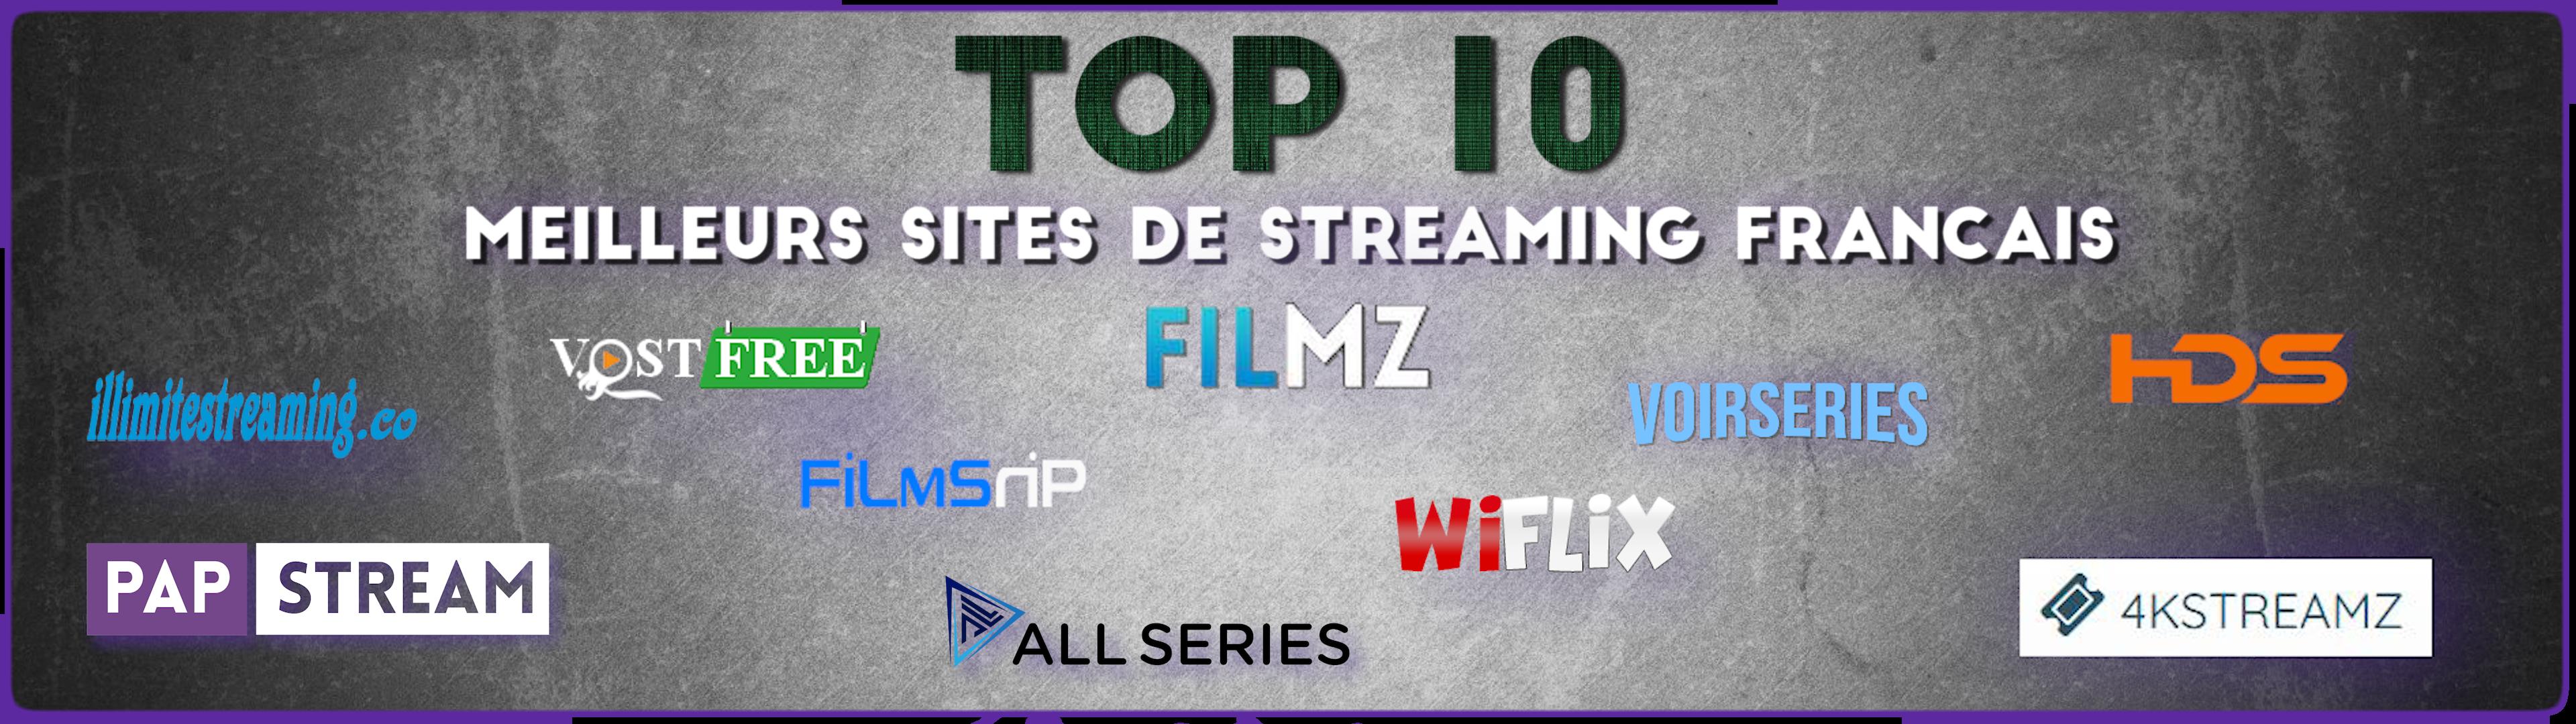 Quels sont les meilleurs sites de streaming français ?